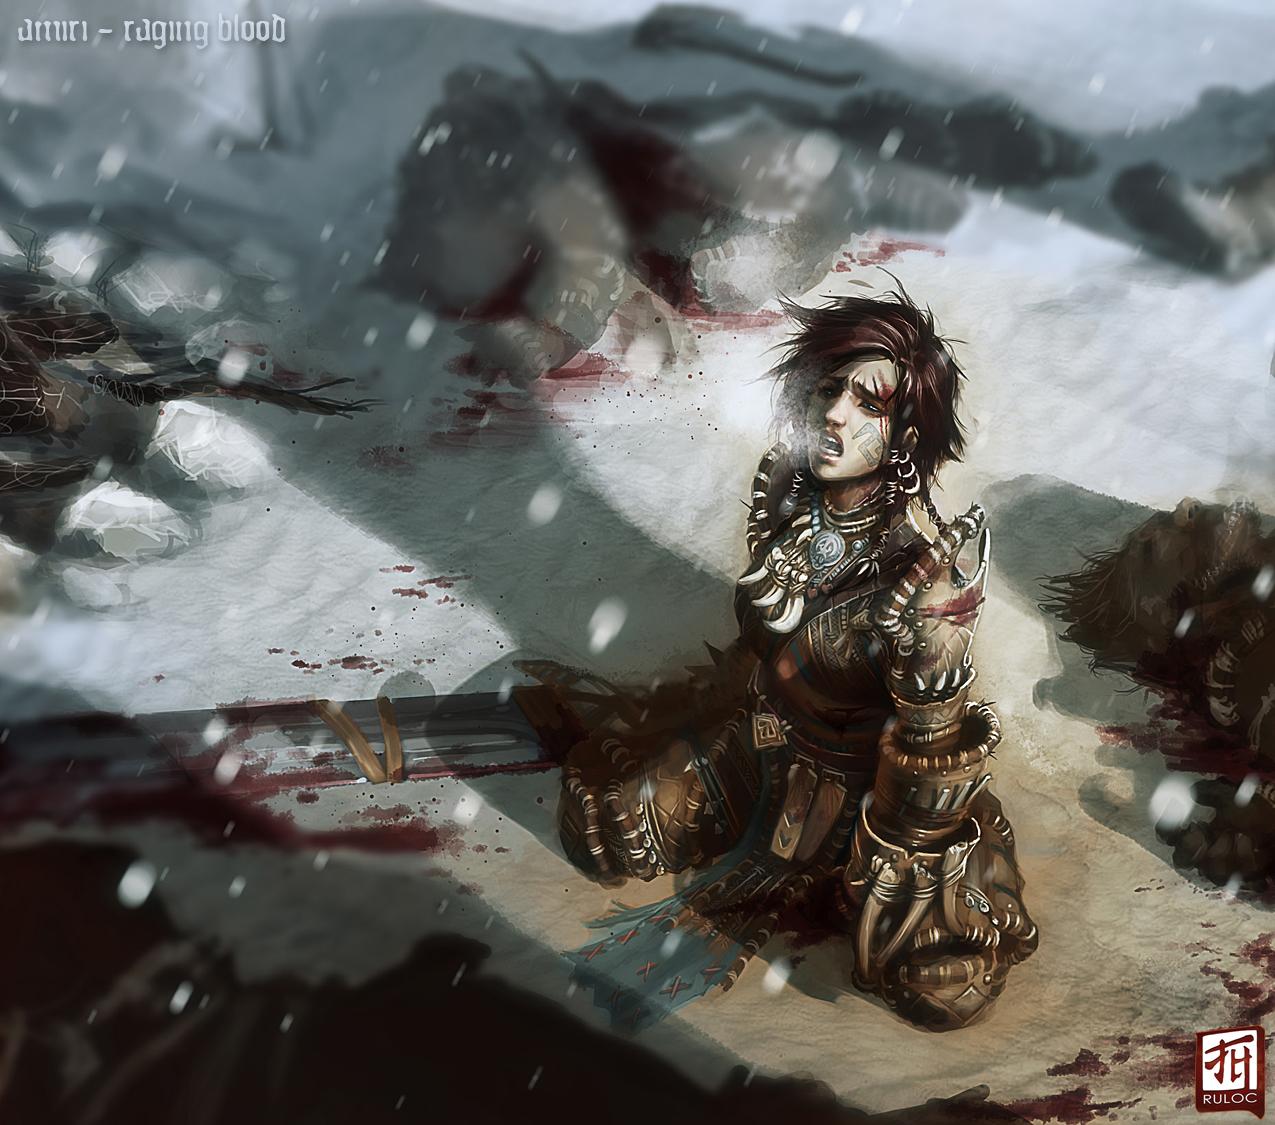 Pathfinder Amiri - Raging Blood by Ruloc